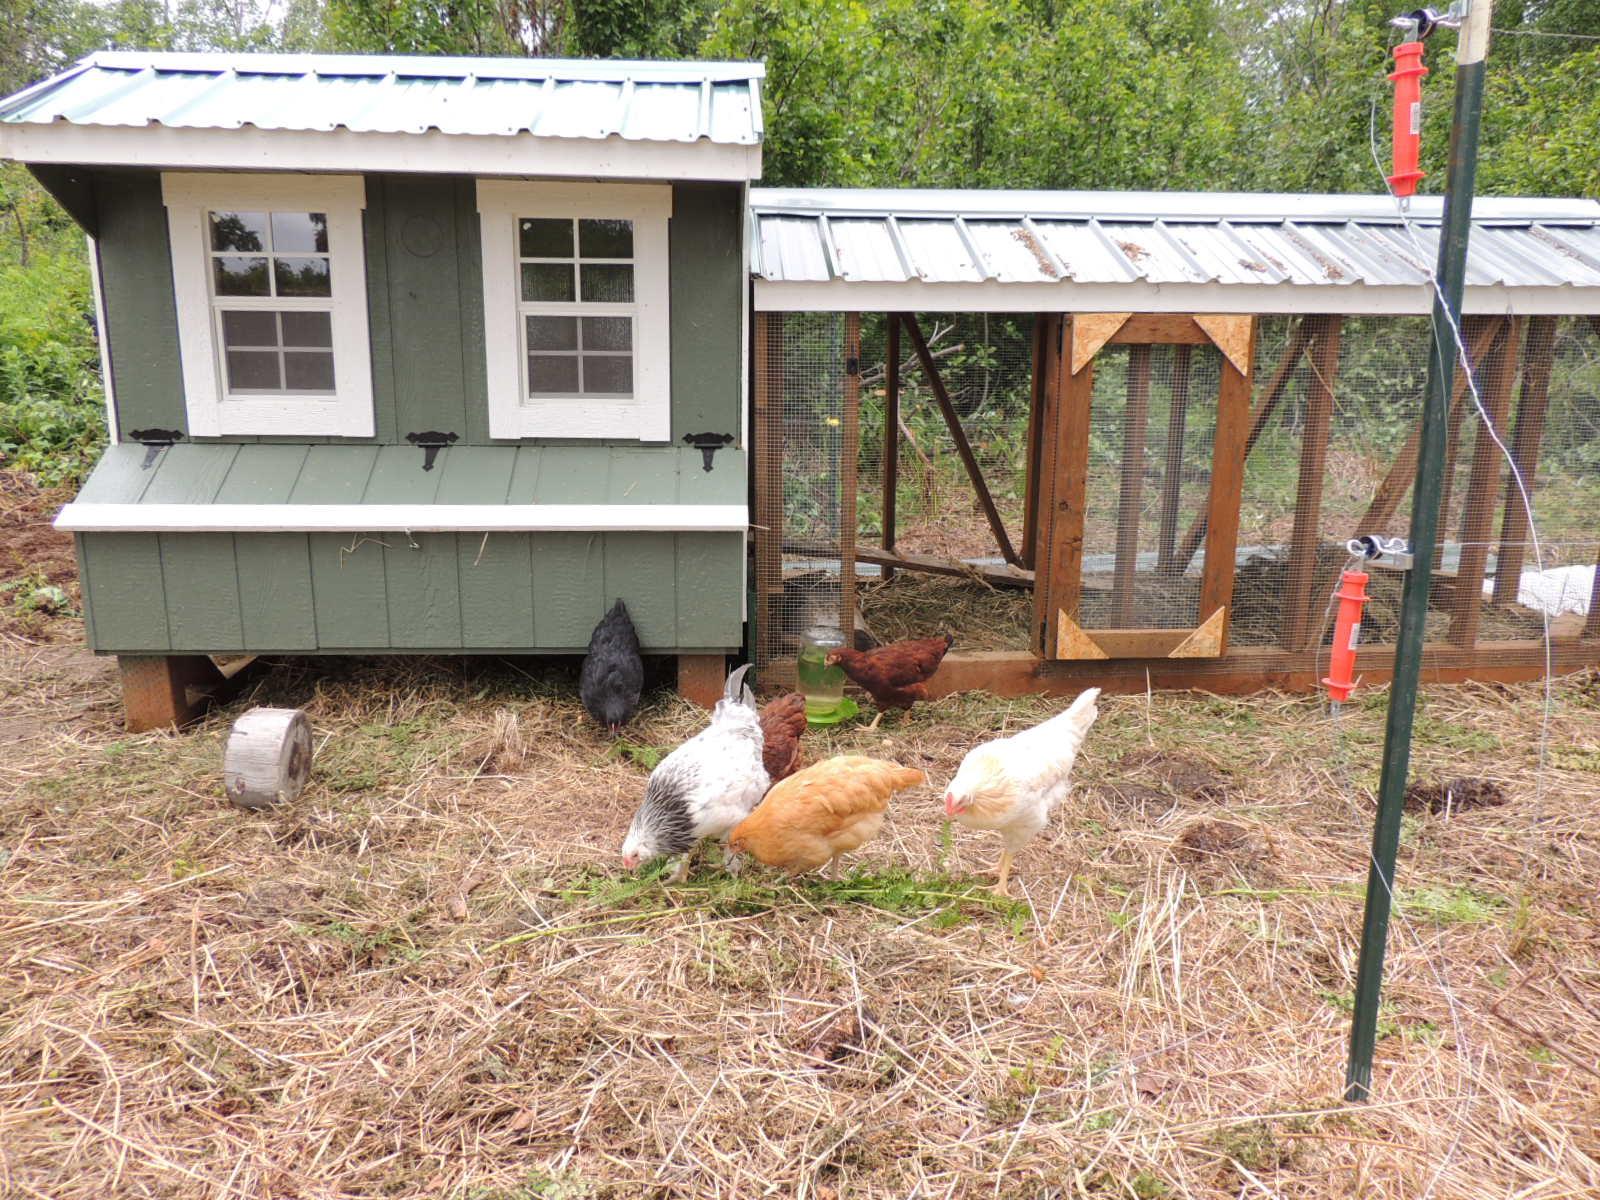 Alaska Bush Life Off Road Off Grid Raising Chickens In